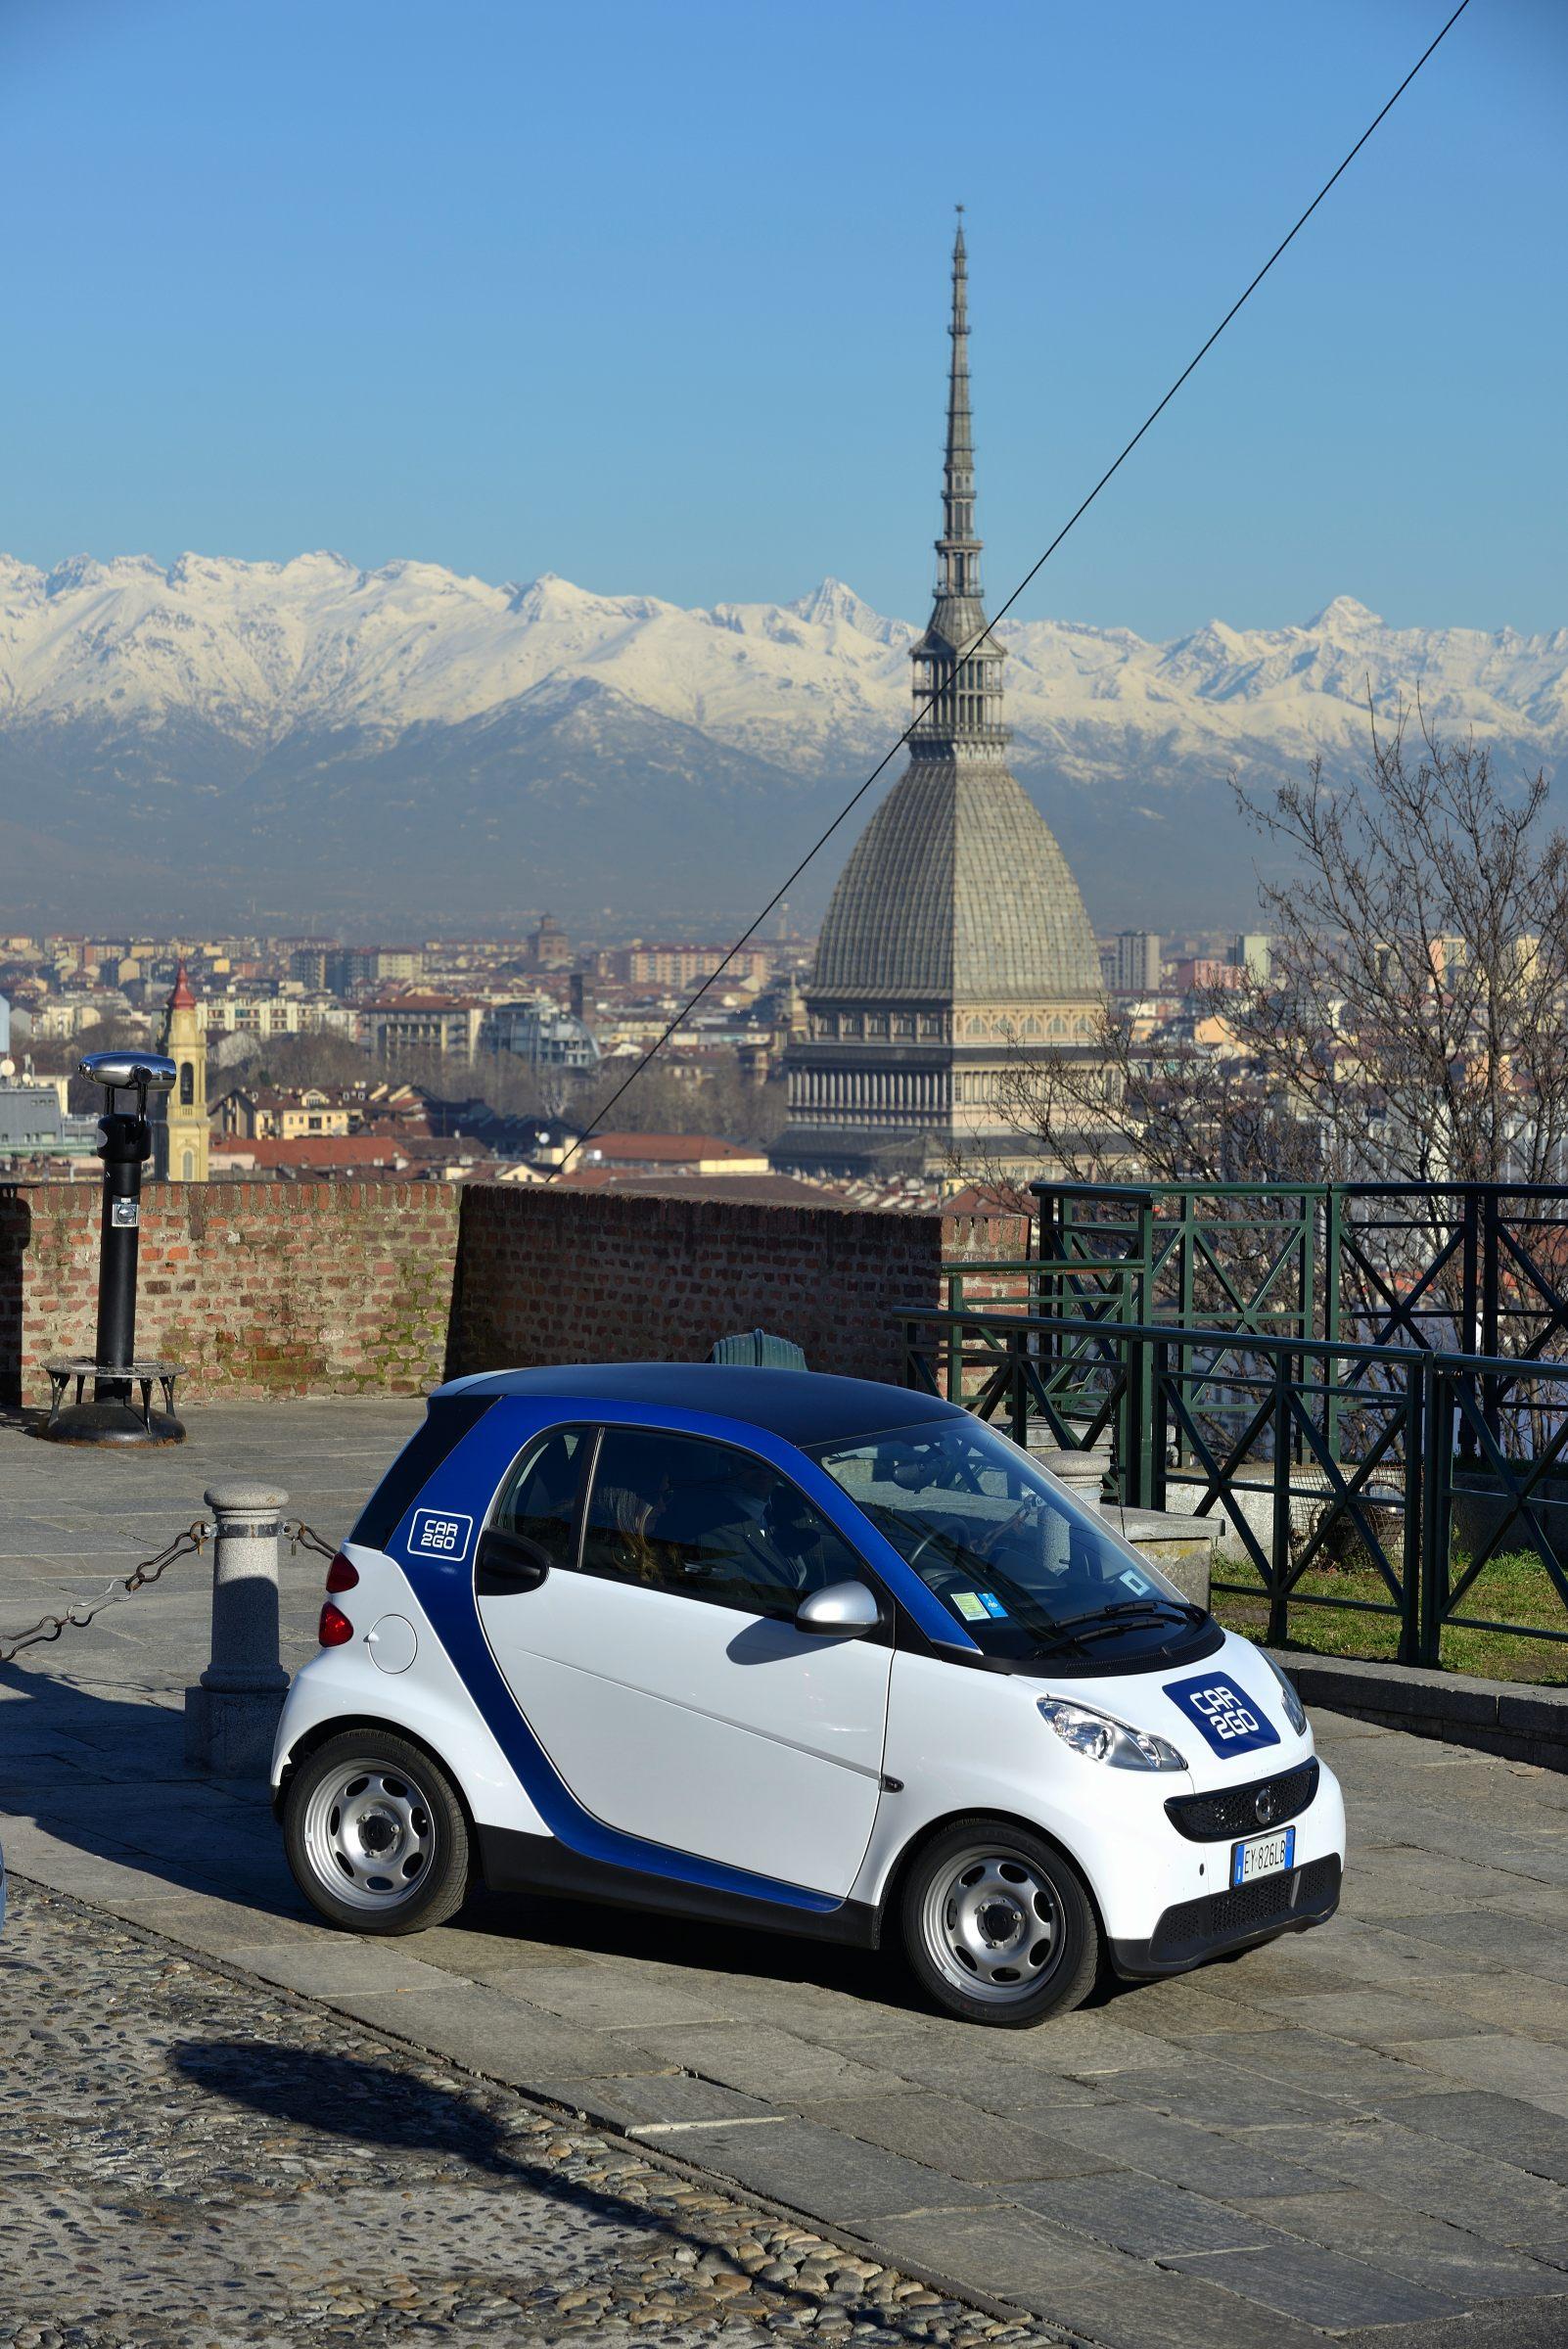 Dimmi come ti muovi e ti dirò chi sei ecco gli utenti car2go di Torino